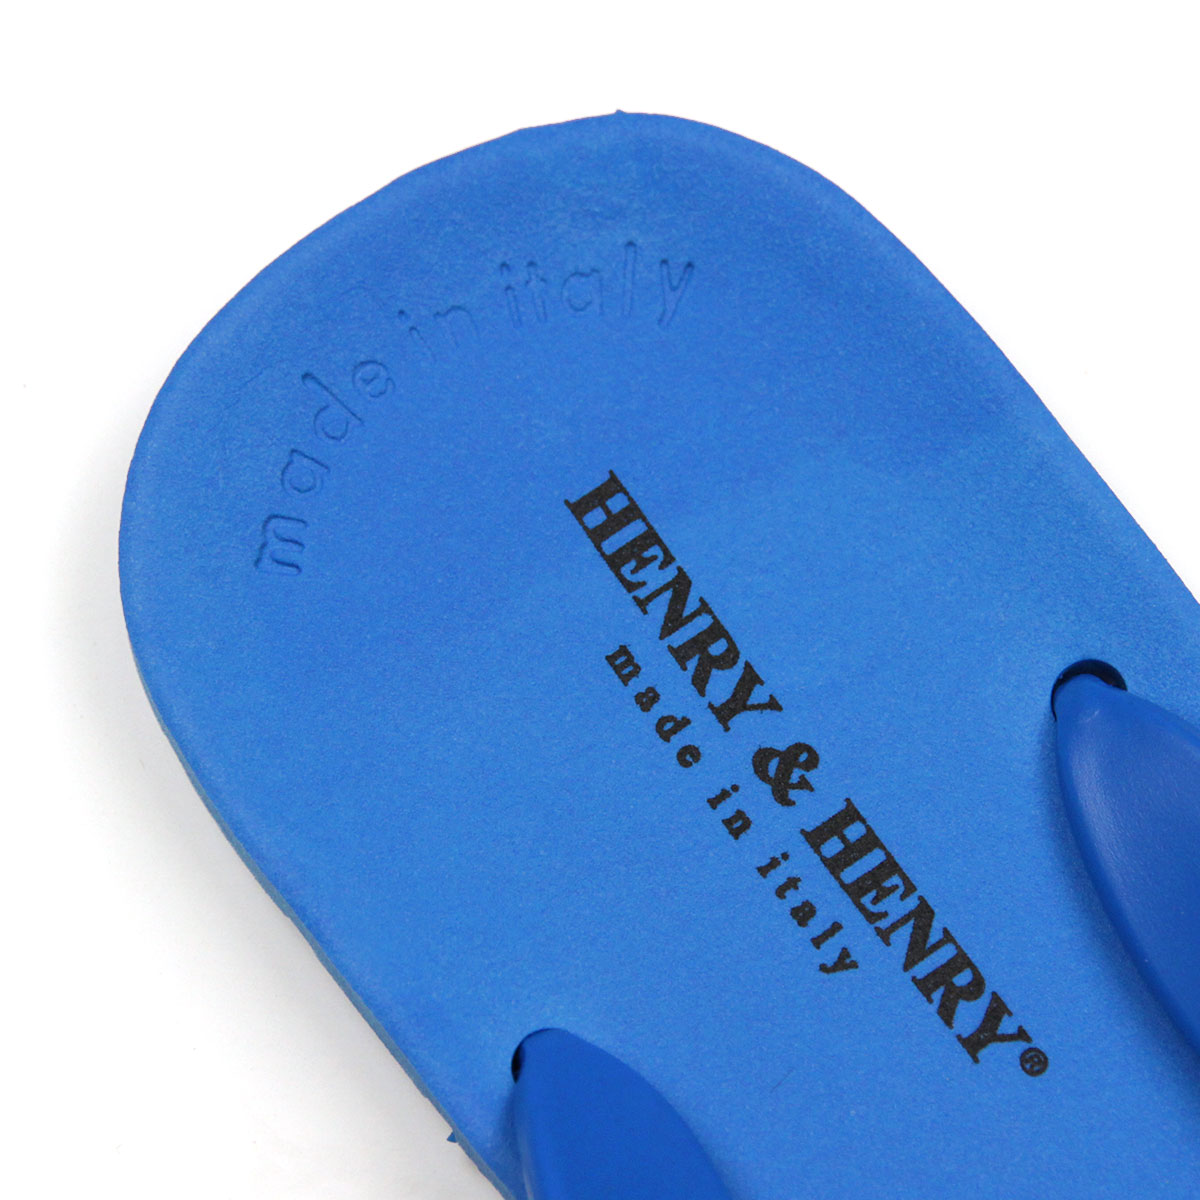 ヘンリーアンドヘンリー HENRY&HENRY 正規販売店 サンダル フリッパー FRIPPER SANDAL AZZURO 50 A66B B3C C4D D3E E07F